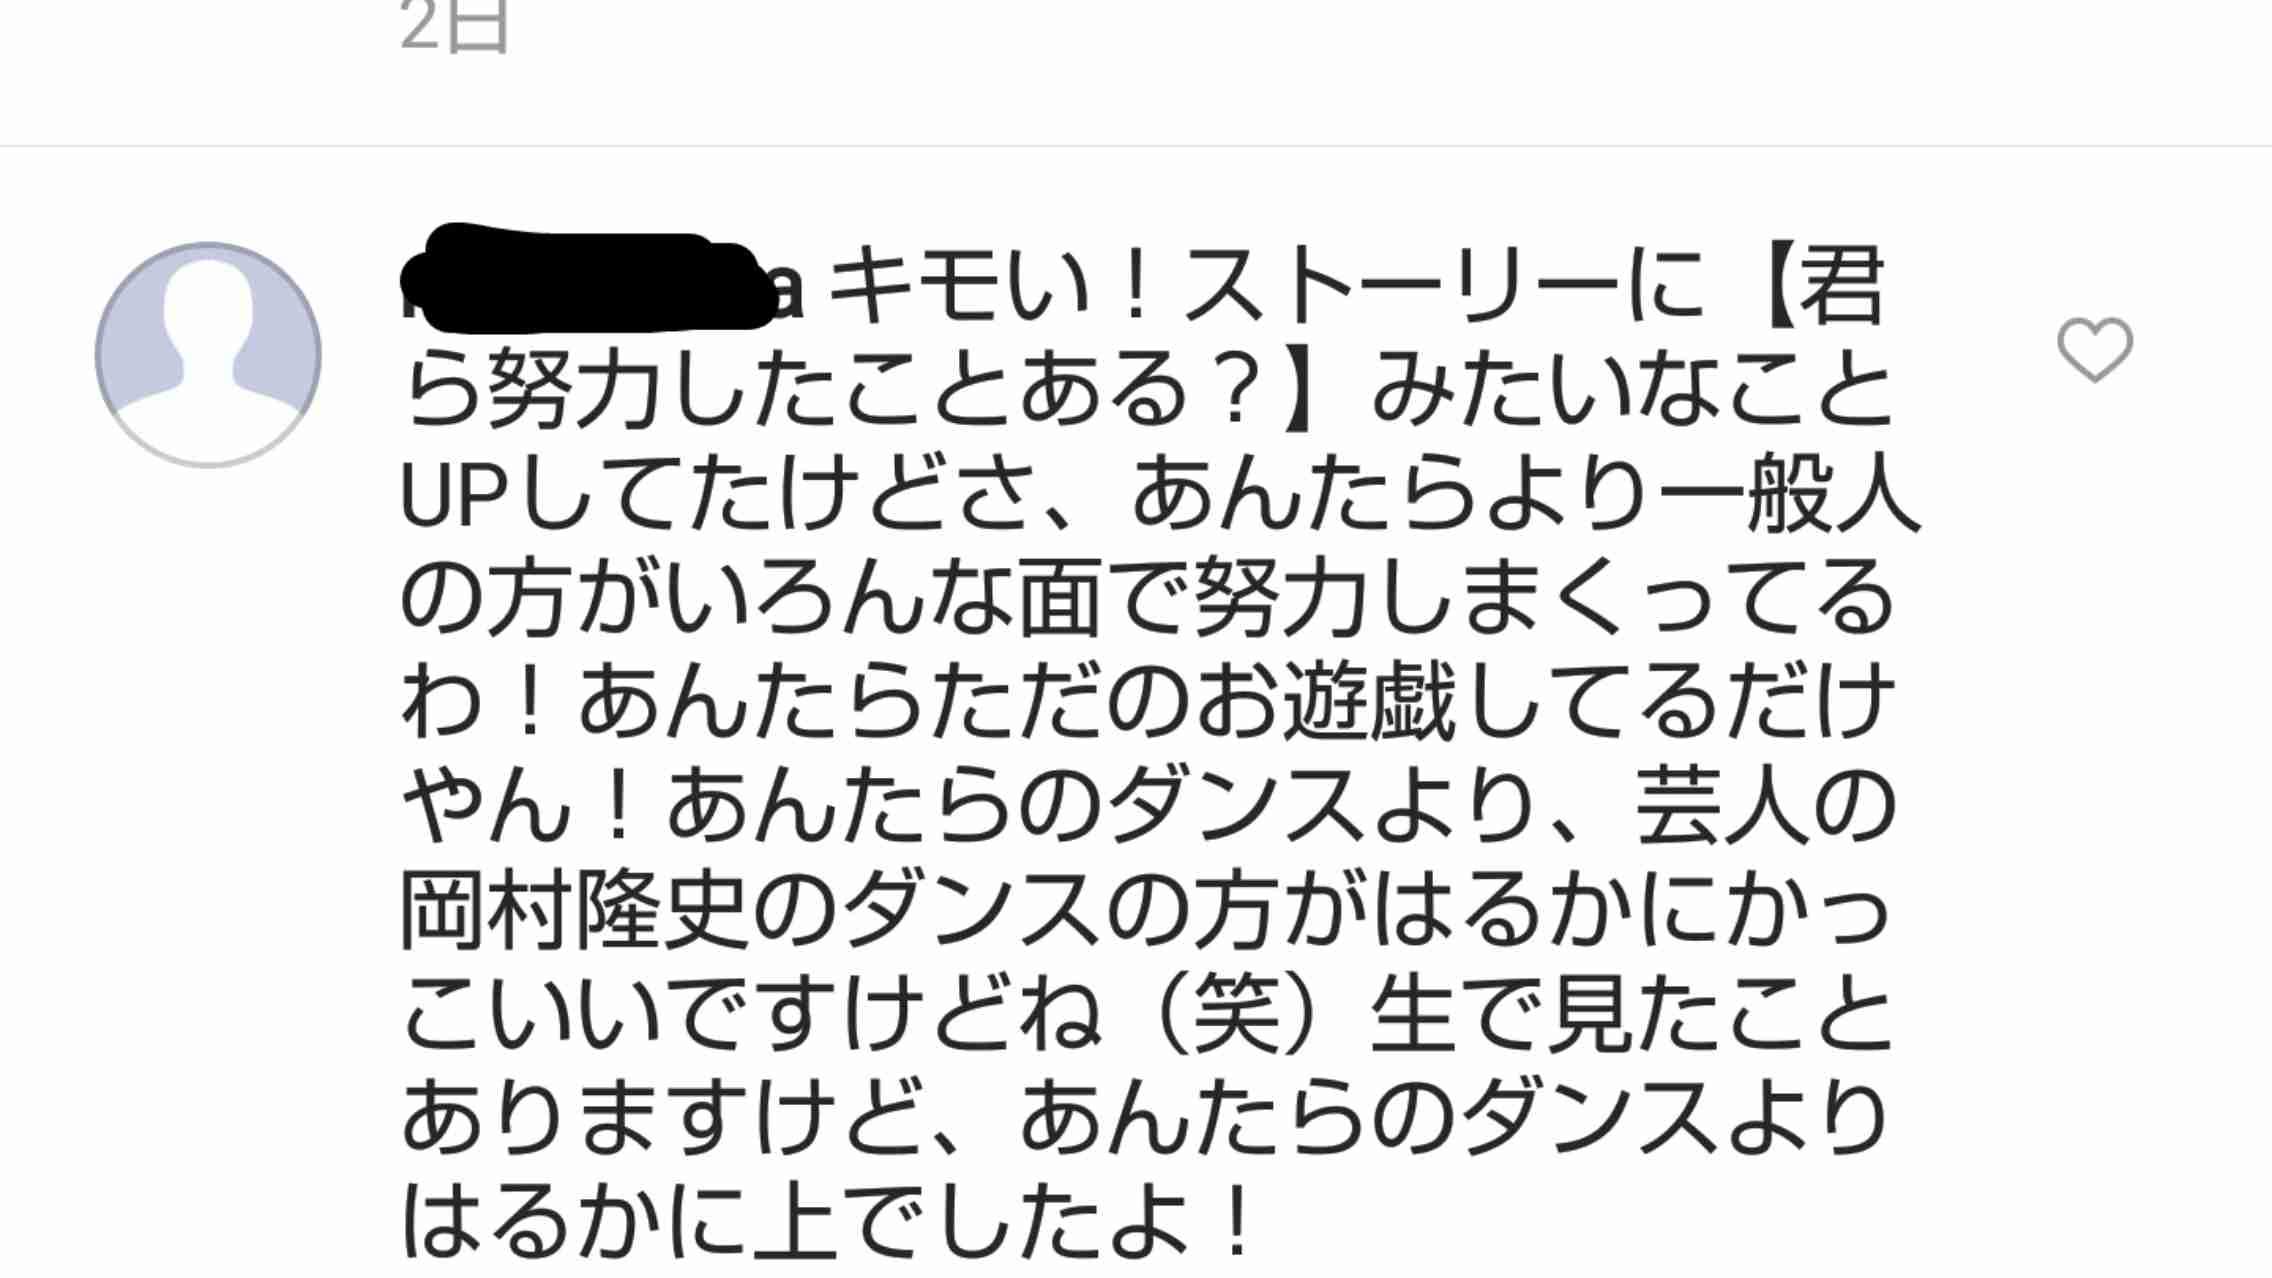 浜崎あゆみ、「本当やめて」意味深つぶやきと加工画像の組み合わせが大不評